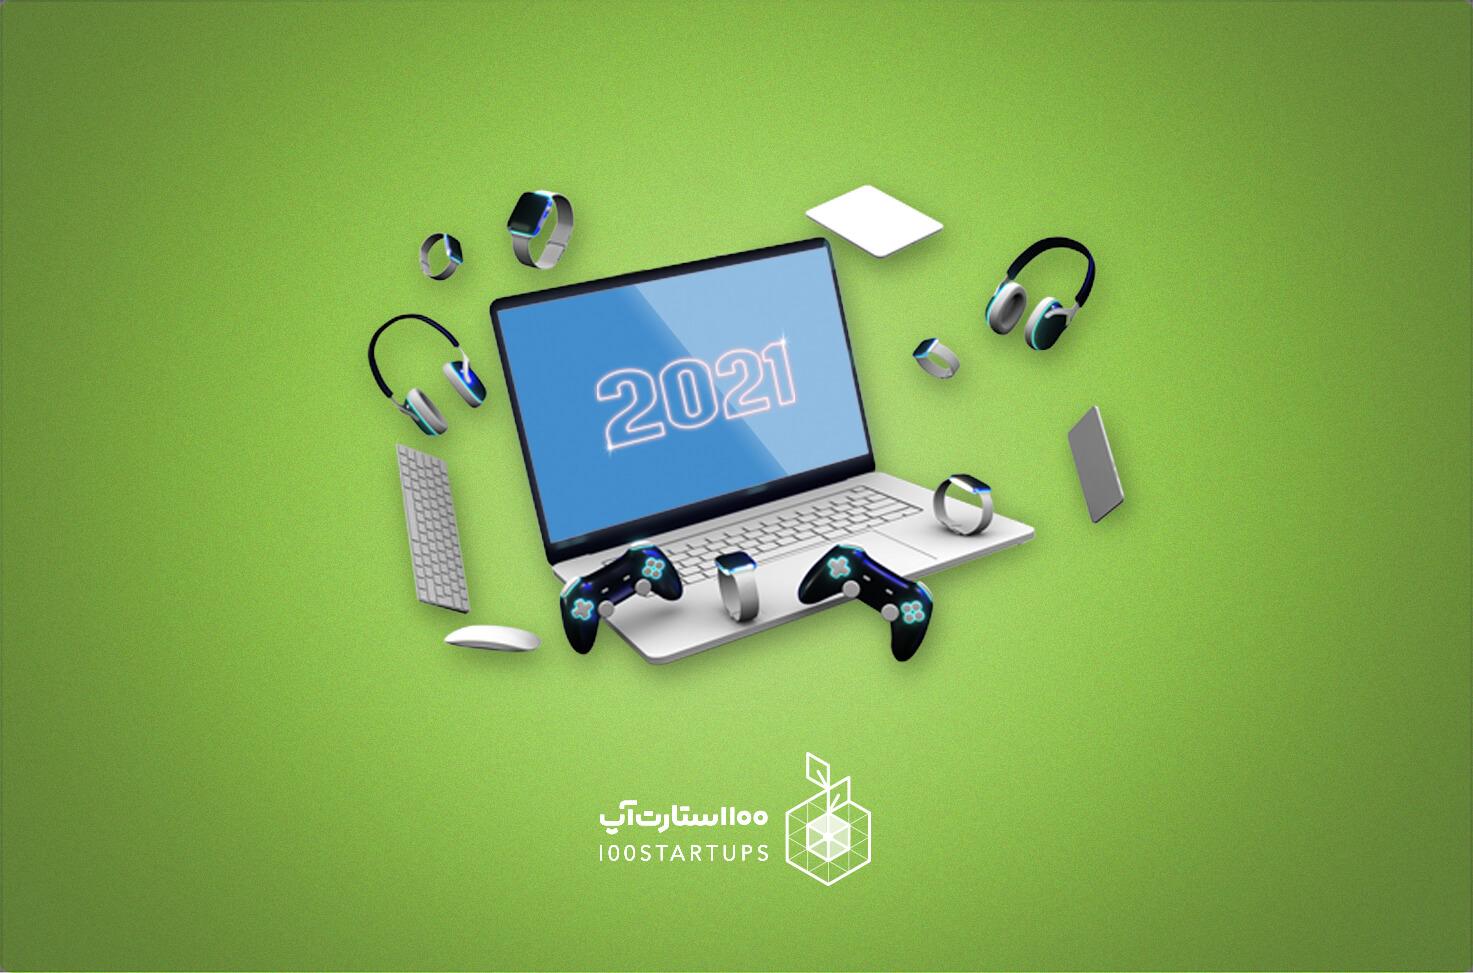 فناوری، آموزش، استارتاپ، استارتآپ، دیجیتال